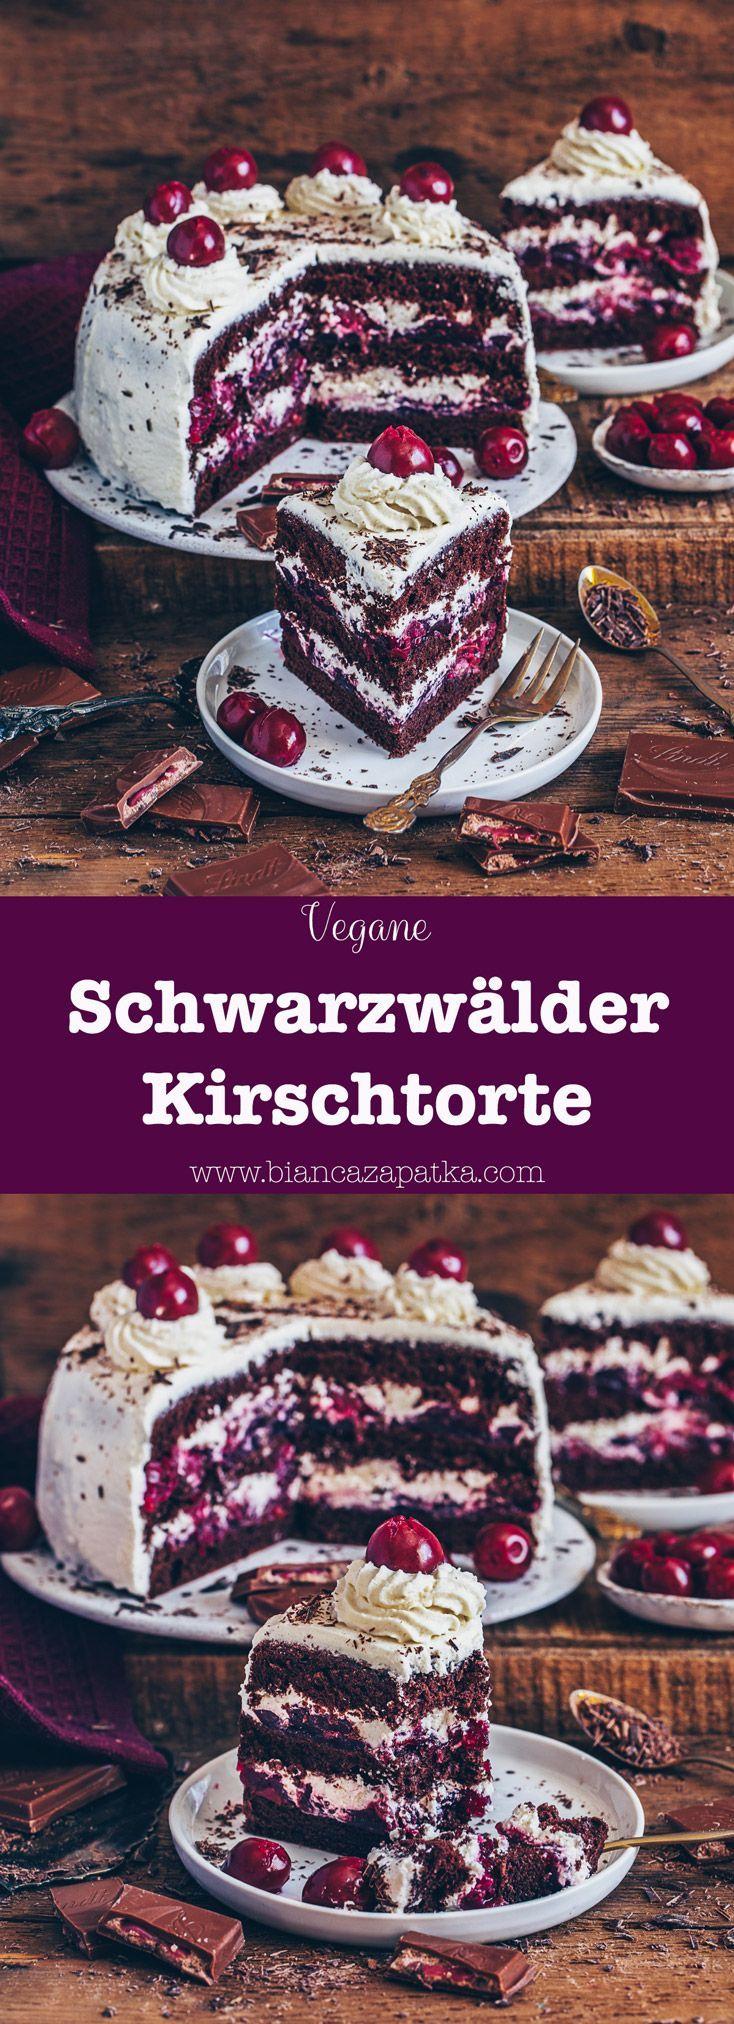 Vegane Schwarzwälder Kirschtorte (einfaches Rezept) - Bianca Zapatka | Rezepte #kuchenkekse